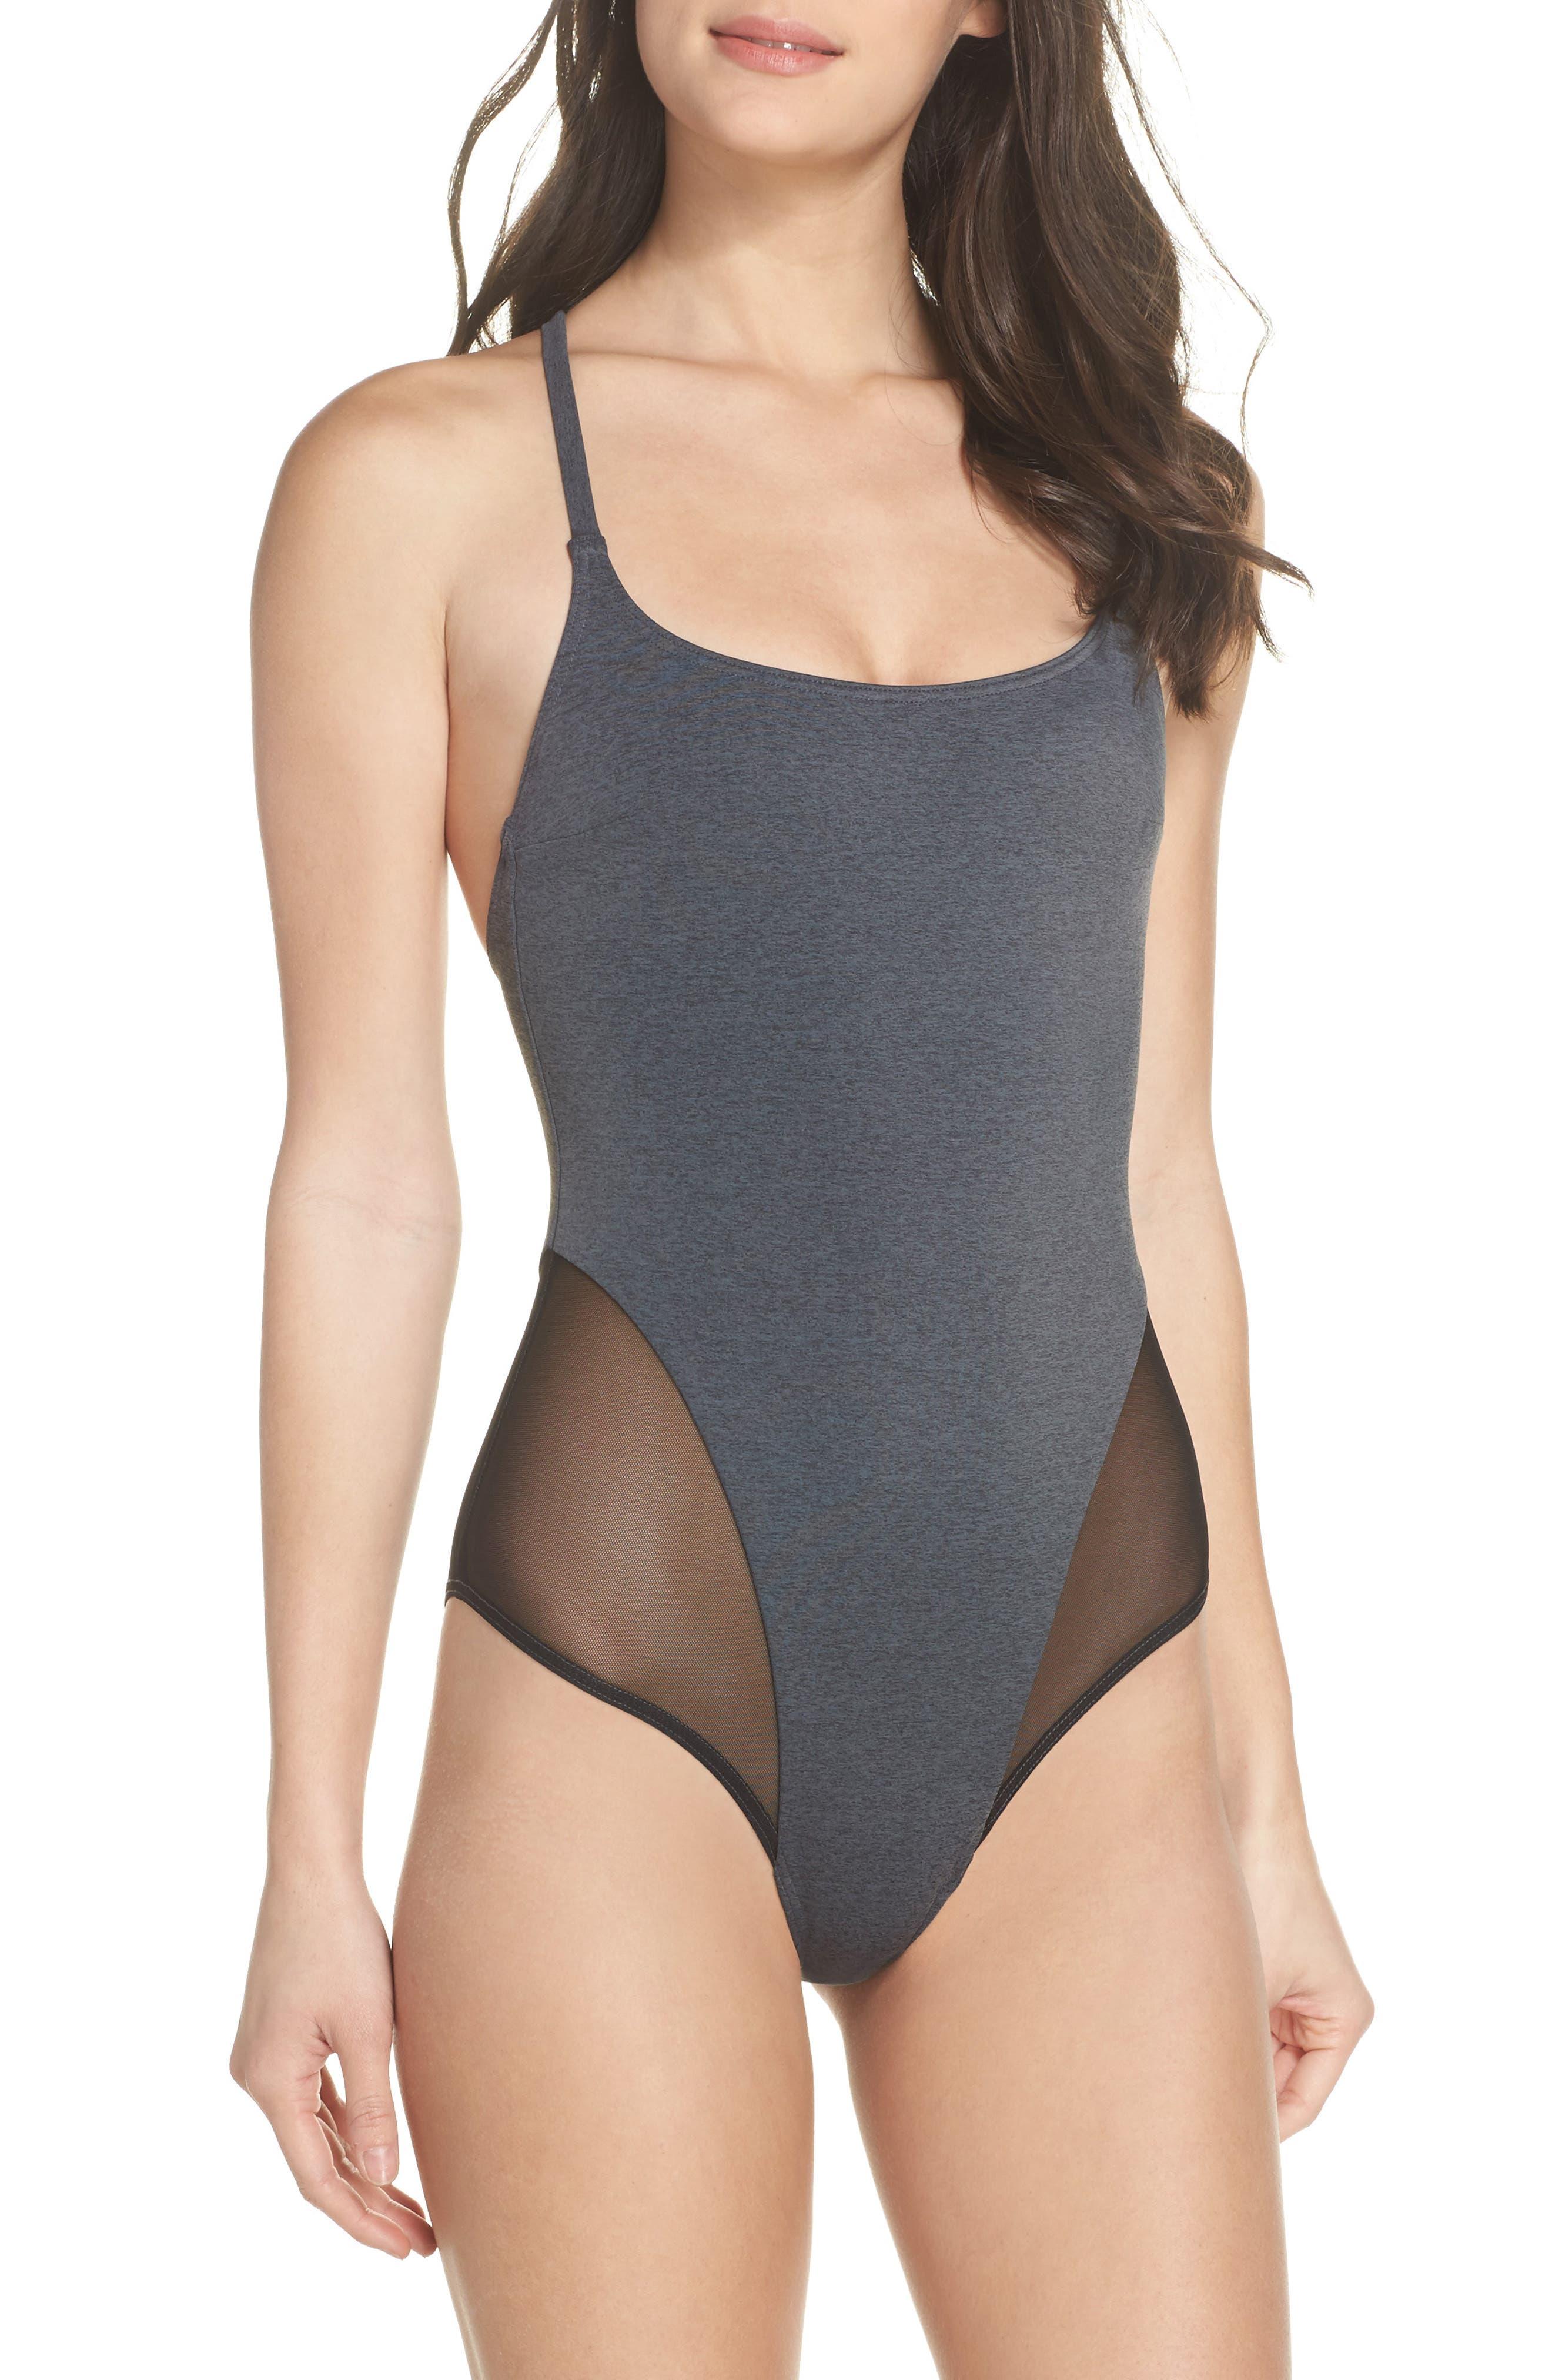 Delta X One-Piece Swimsuit,                             Main thumbnail 1, color,                             020